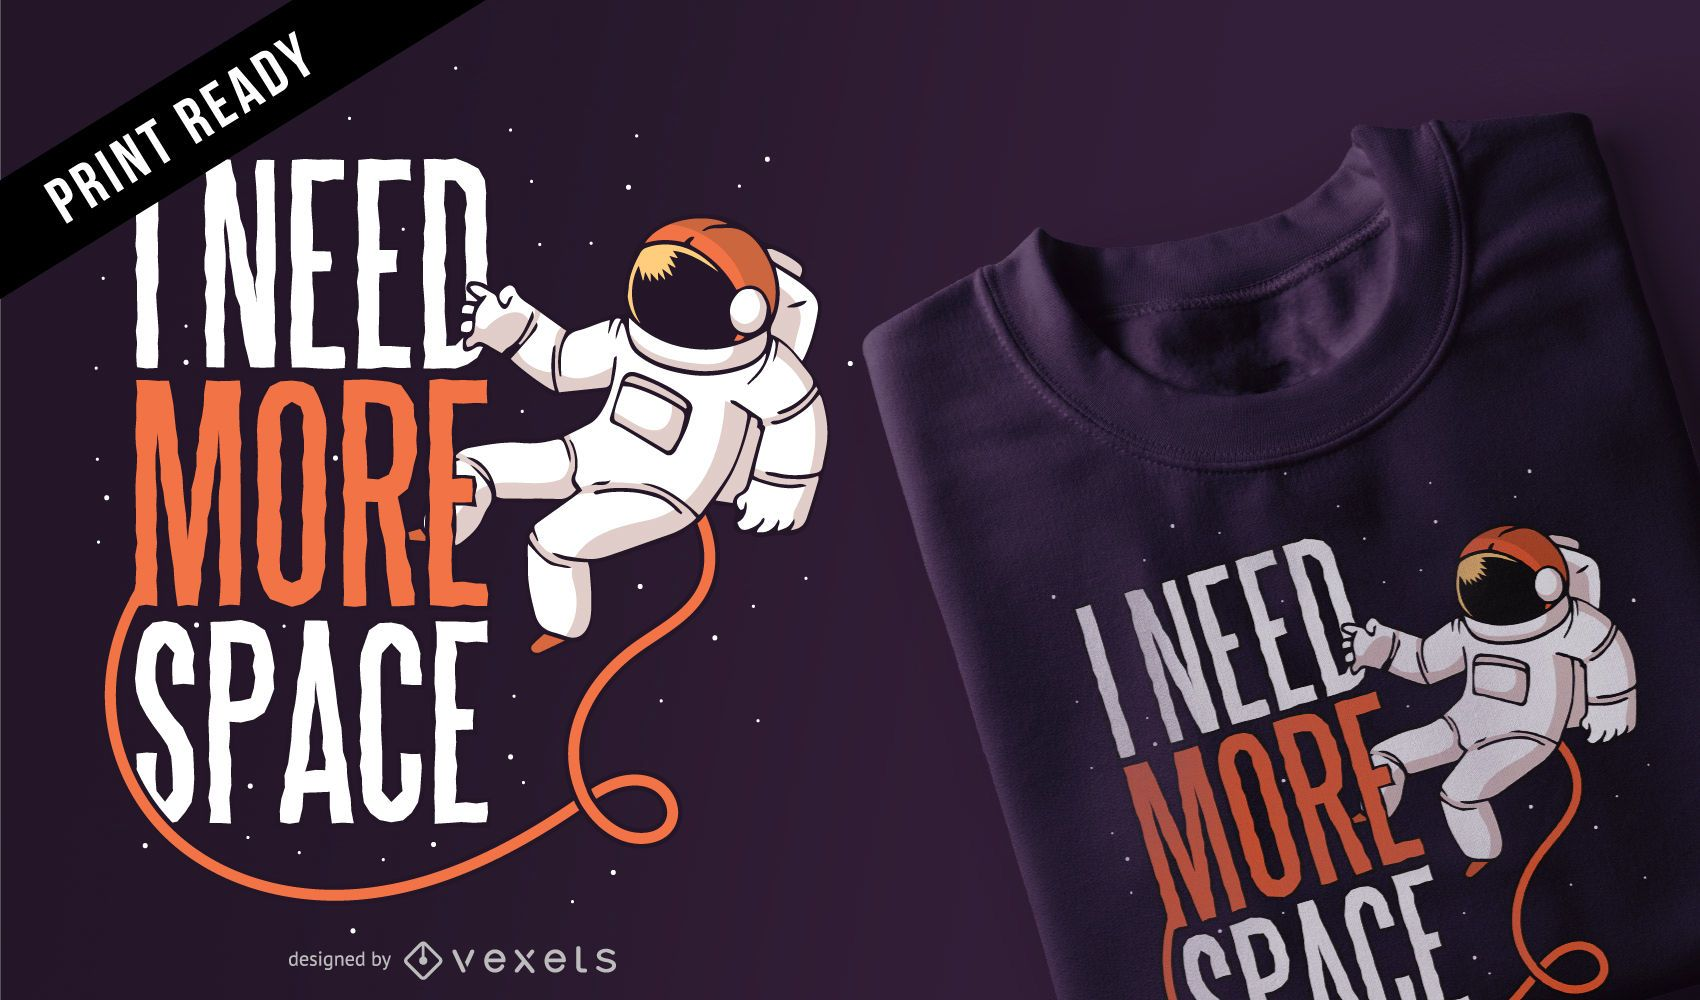 Precisa de mais design de camiseta espacial